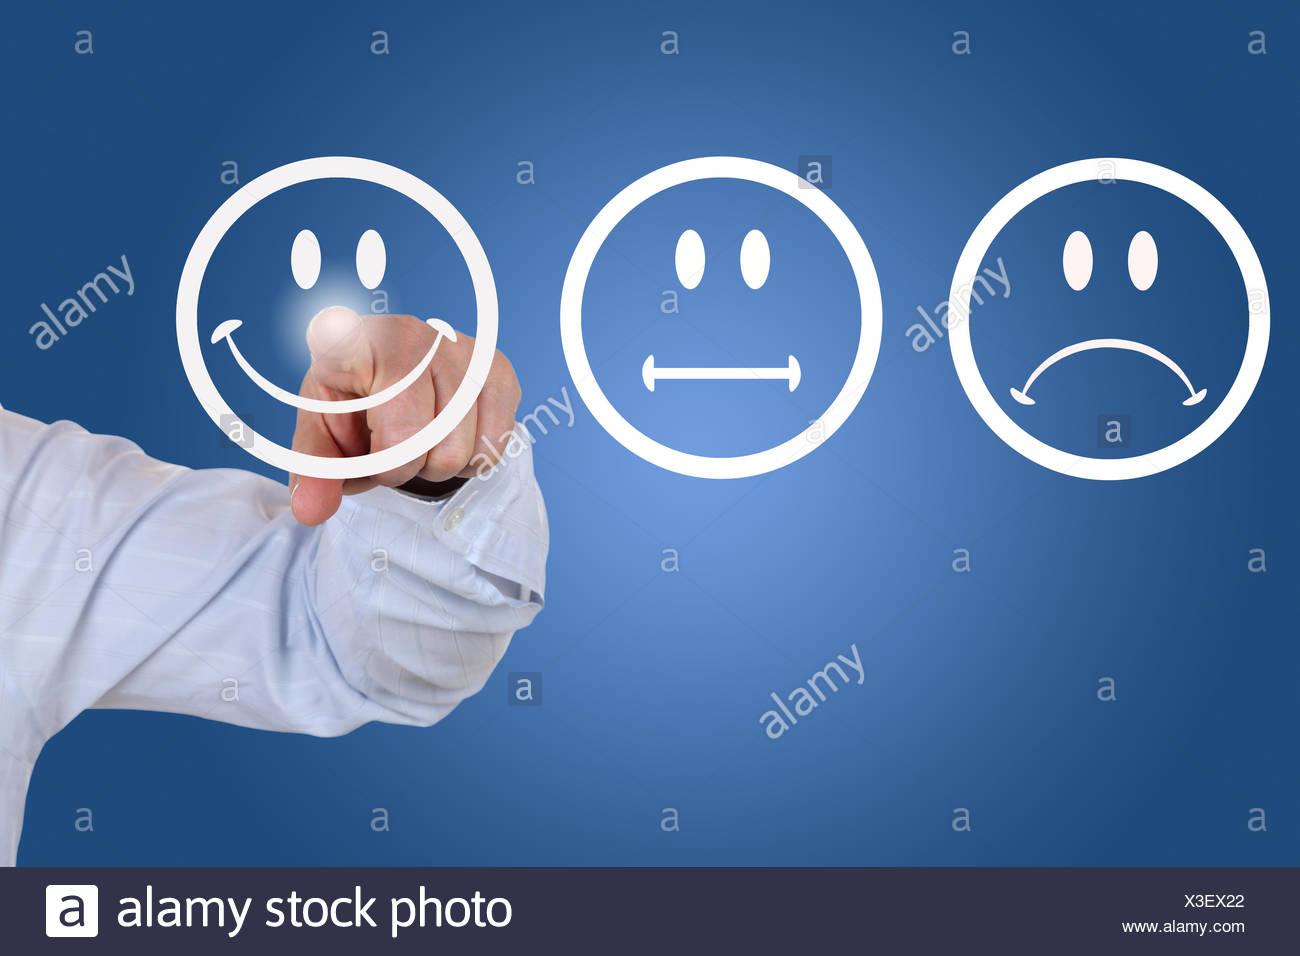 Businessman beim Abgeben einer Bewertung mit lachendem Smiley Stock Photo